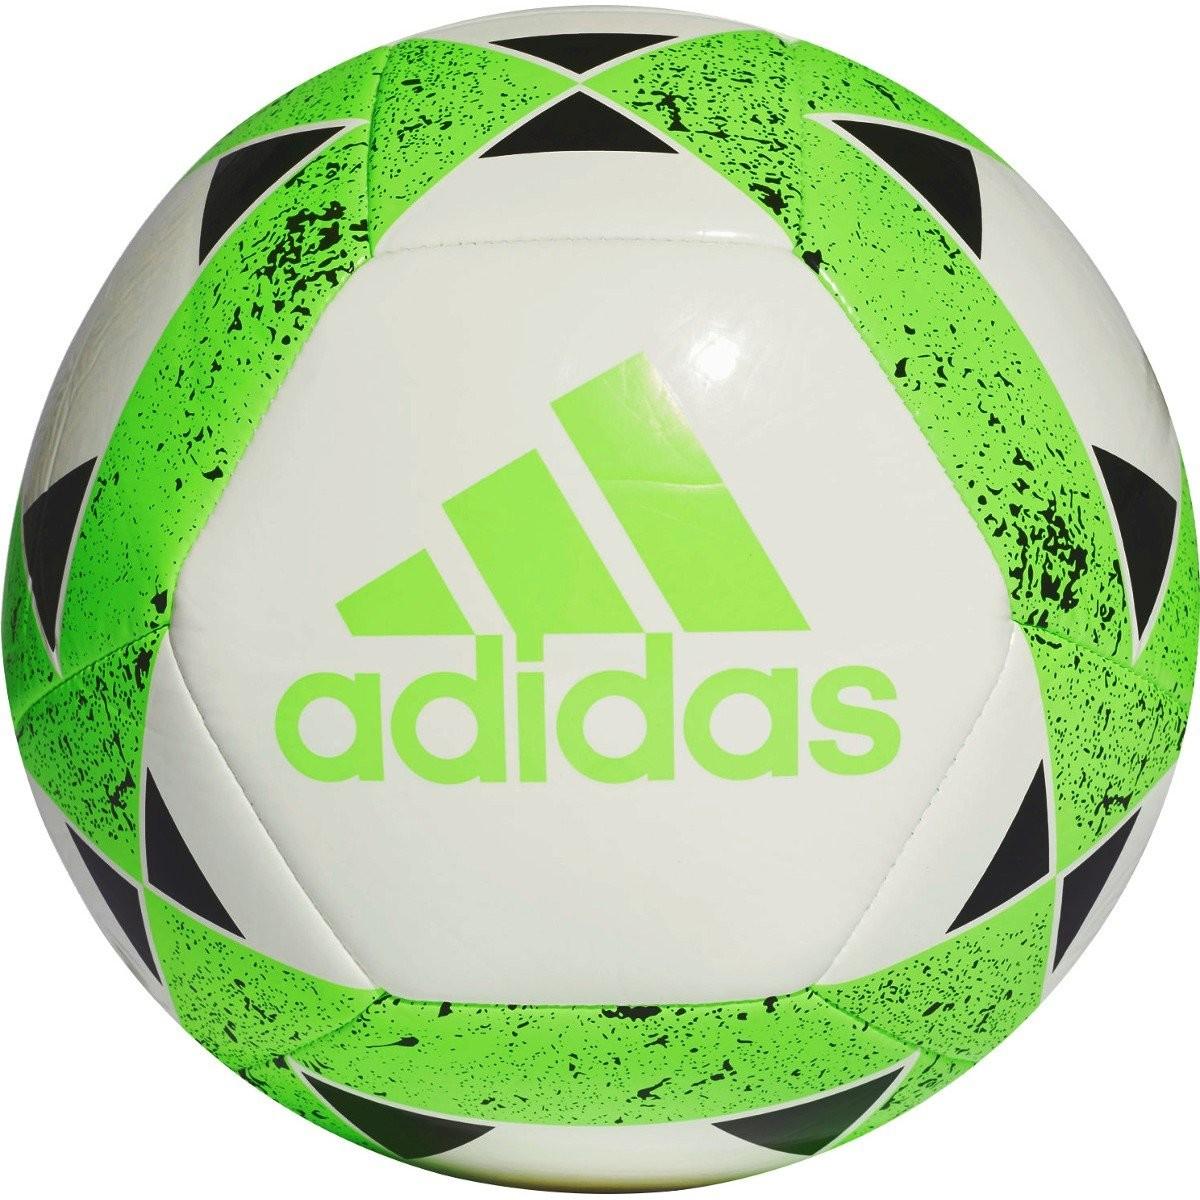 Adidas Piłka nożna, Starlancer CZ9551, rozmiar 3